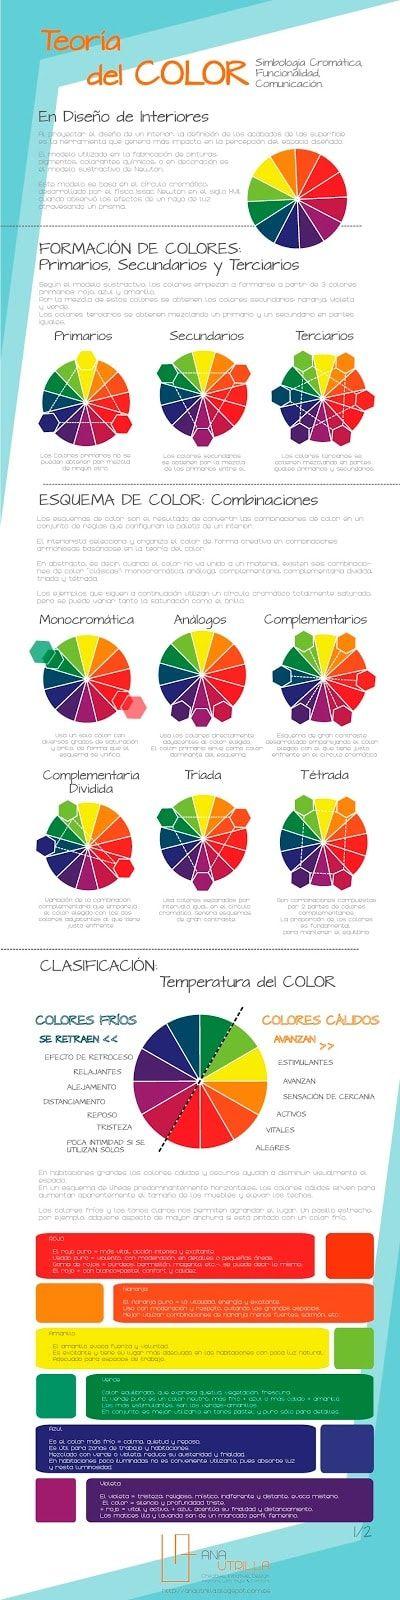 Teoría del color en decoración de interiores